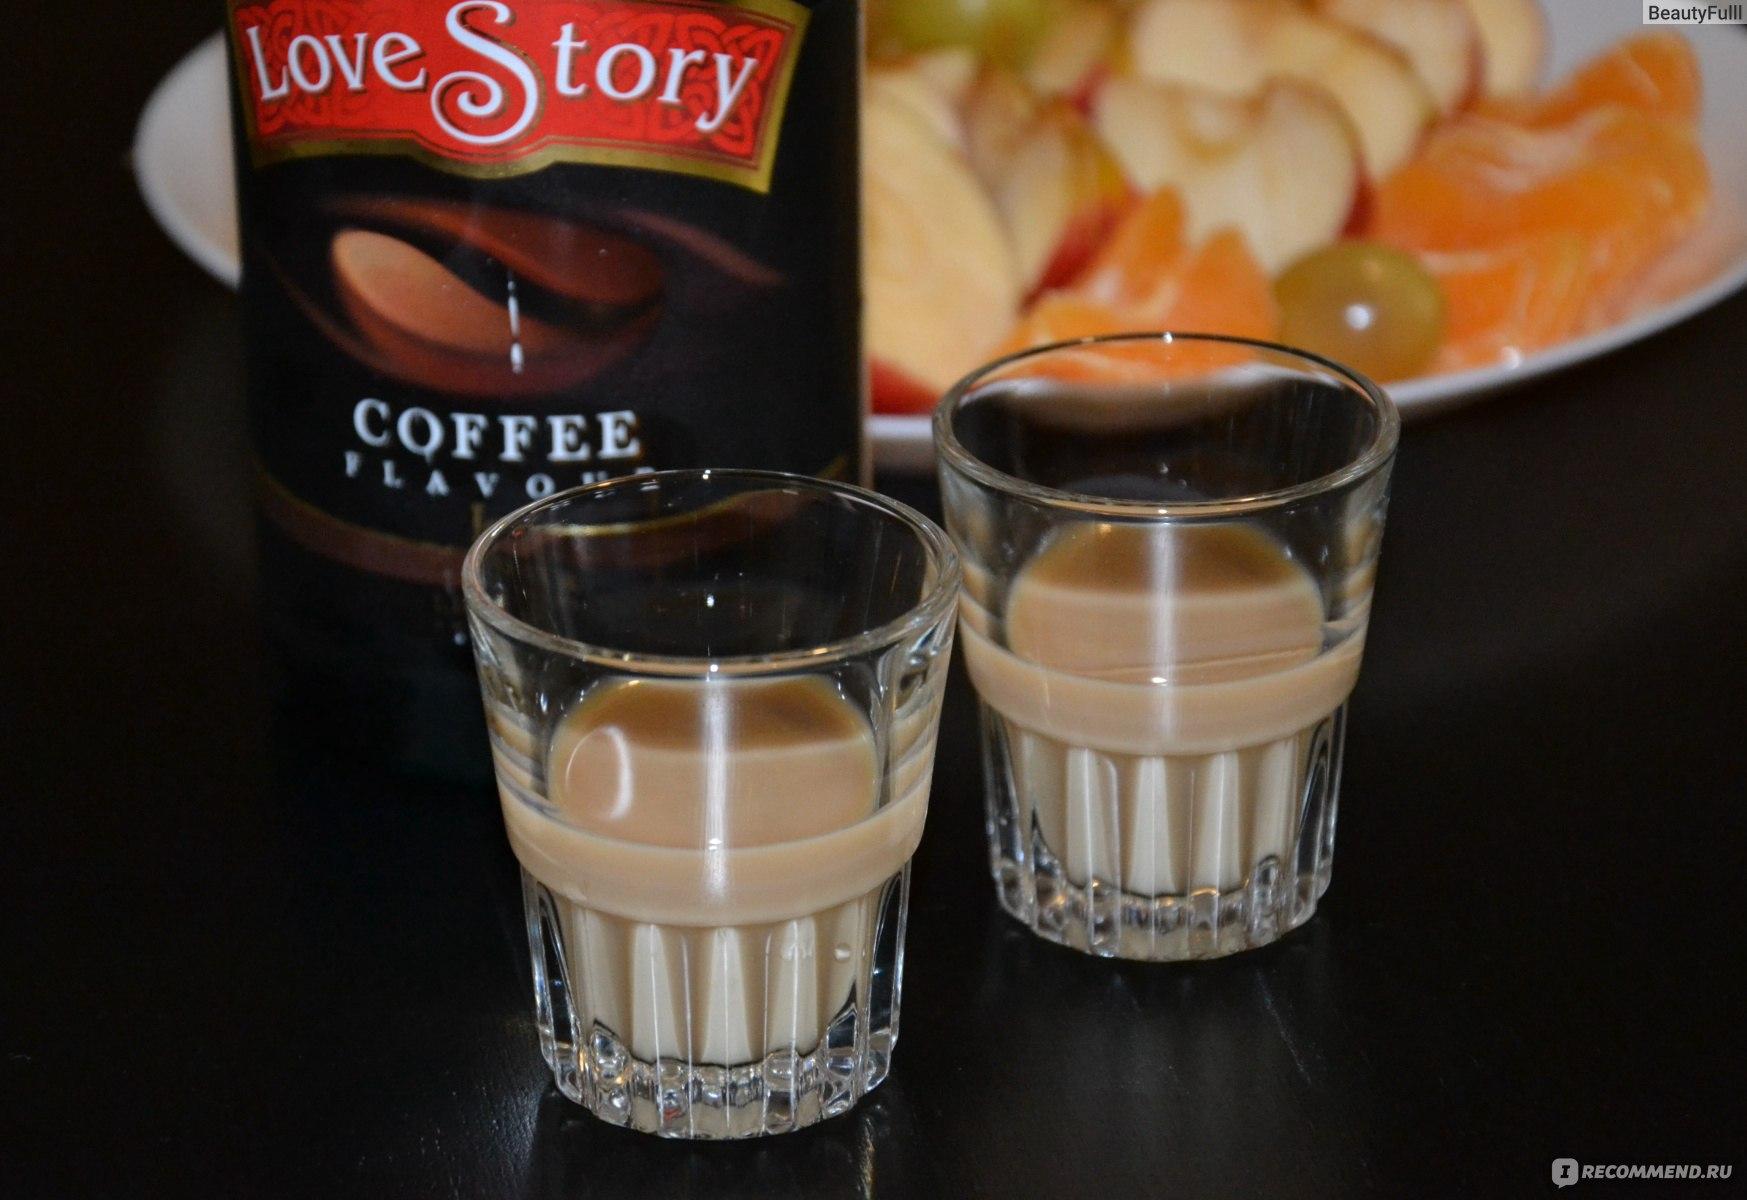 коктейли с ликером love story рецепты